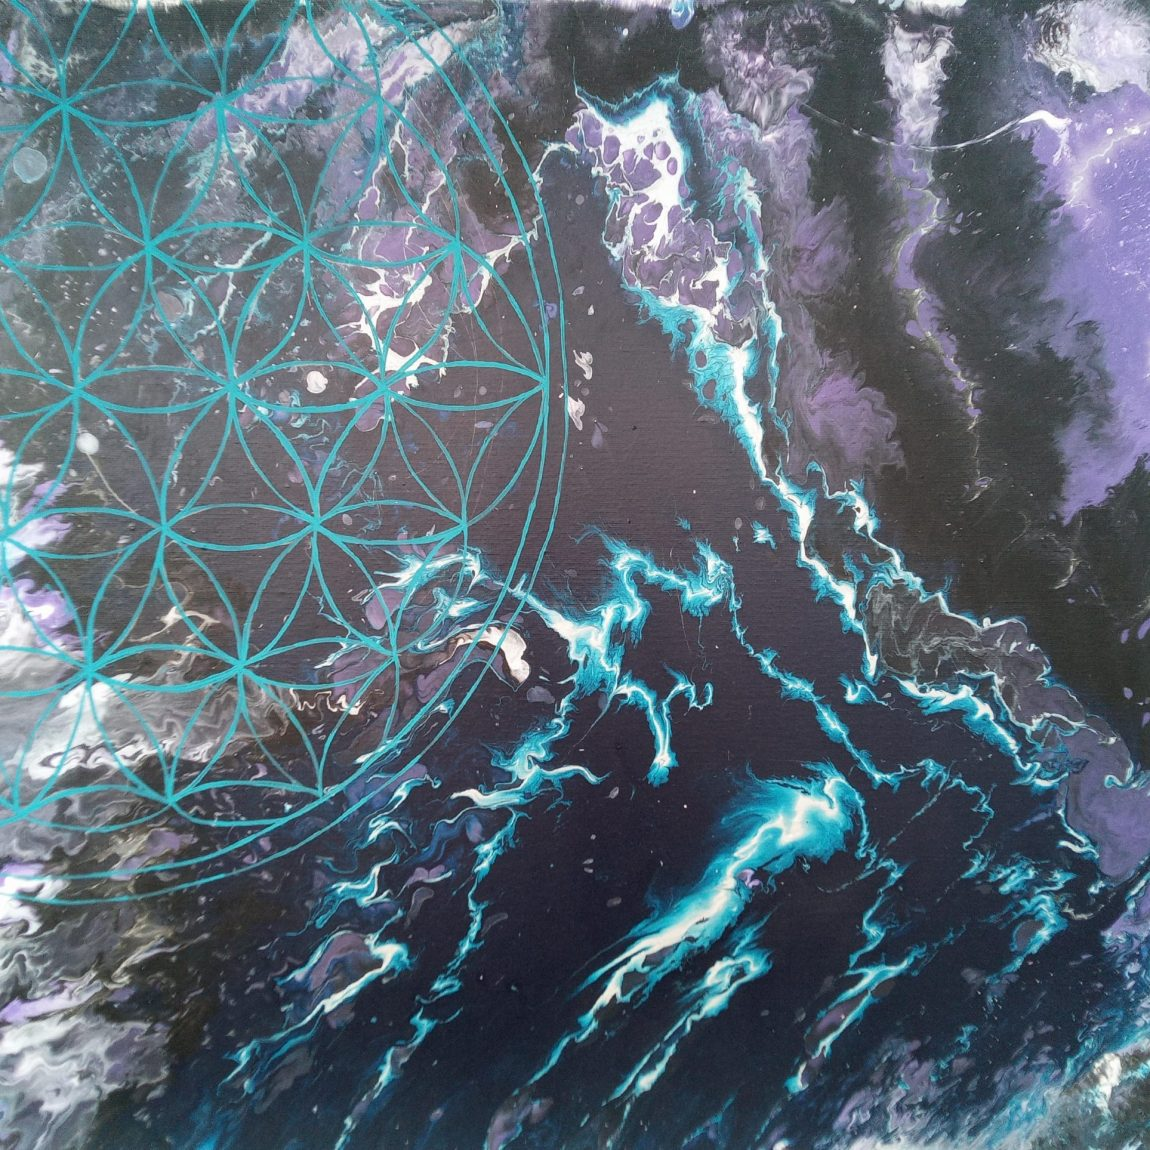 Meral Yalçın - Teknik : Tuval Üzeri Akrilik Ölçü : 60 x 80 cm Fiyat : 4.130 TL